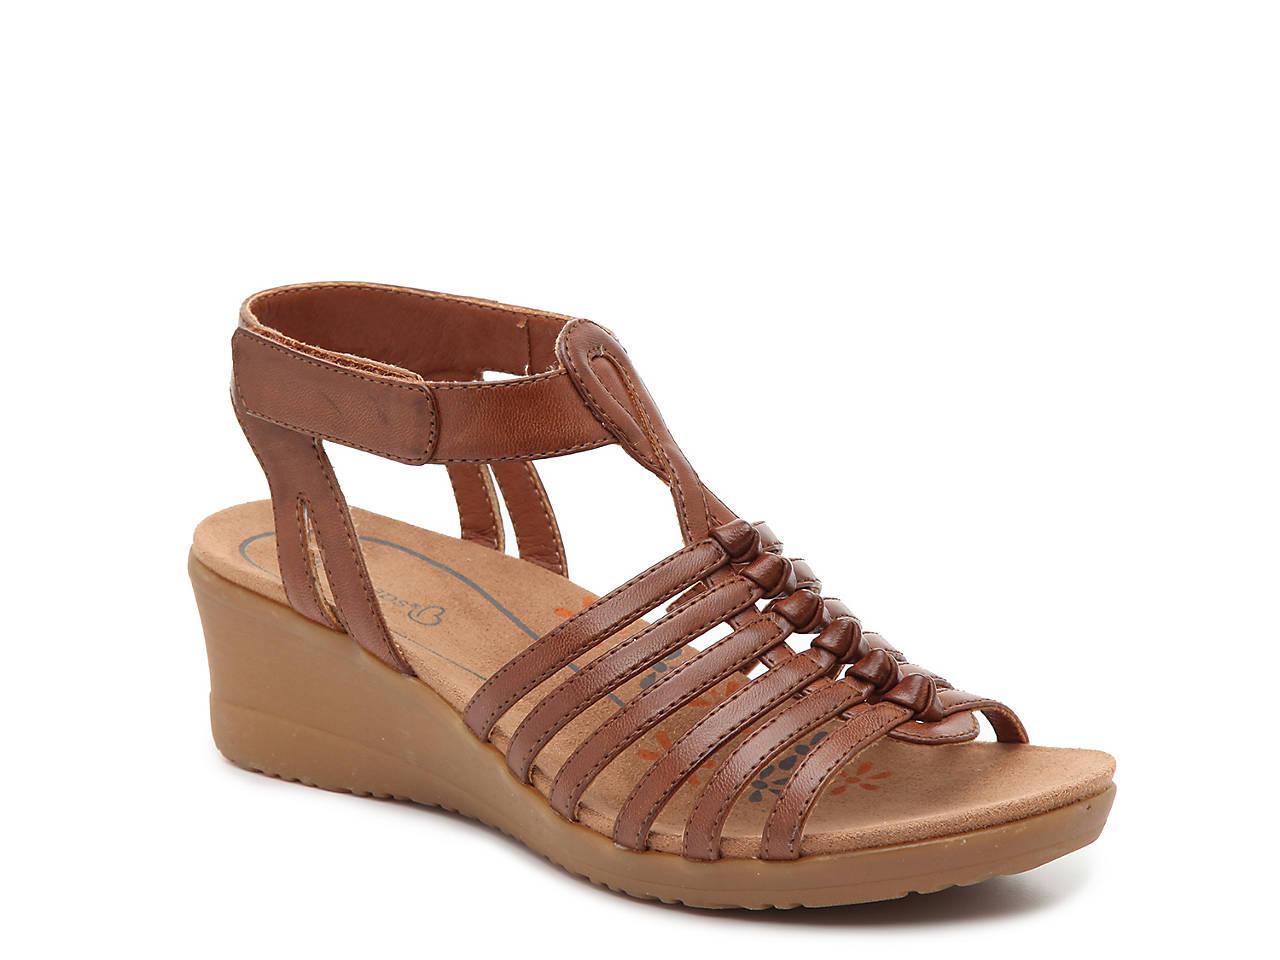 9874d32ce8 Bare Traps Tiera Wedge Sandal Women's Shoes | DSW